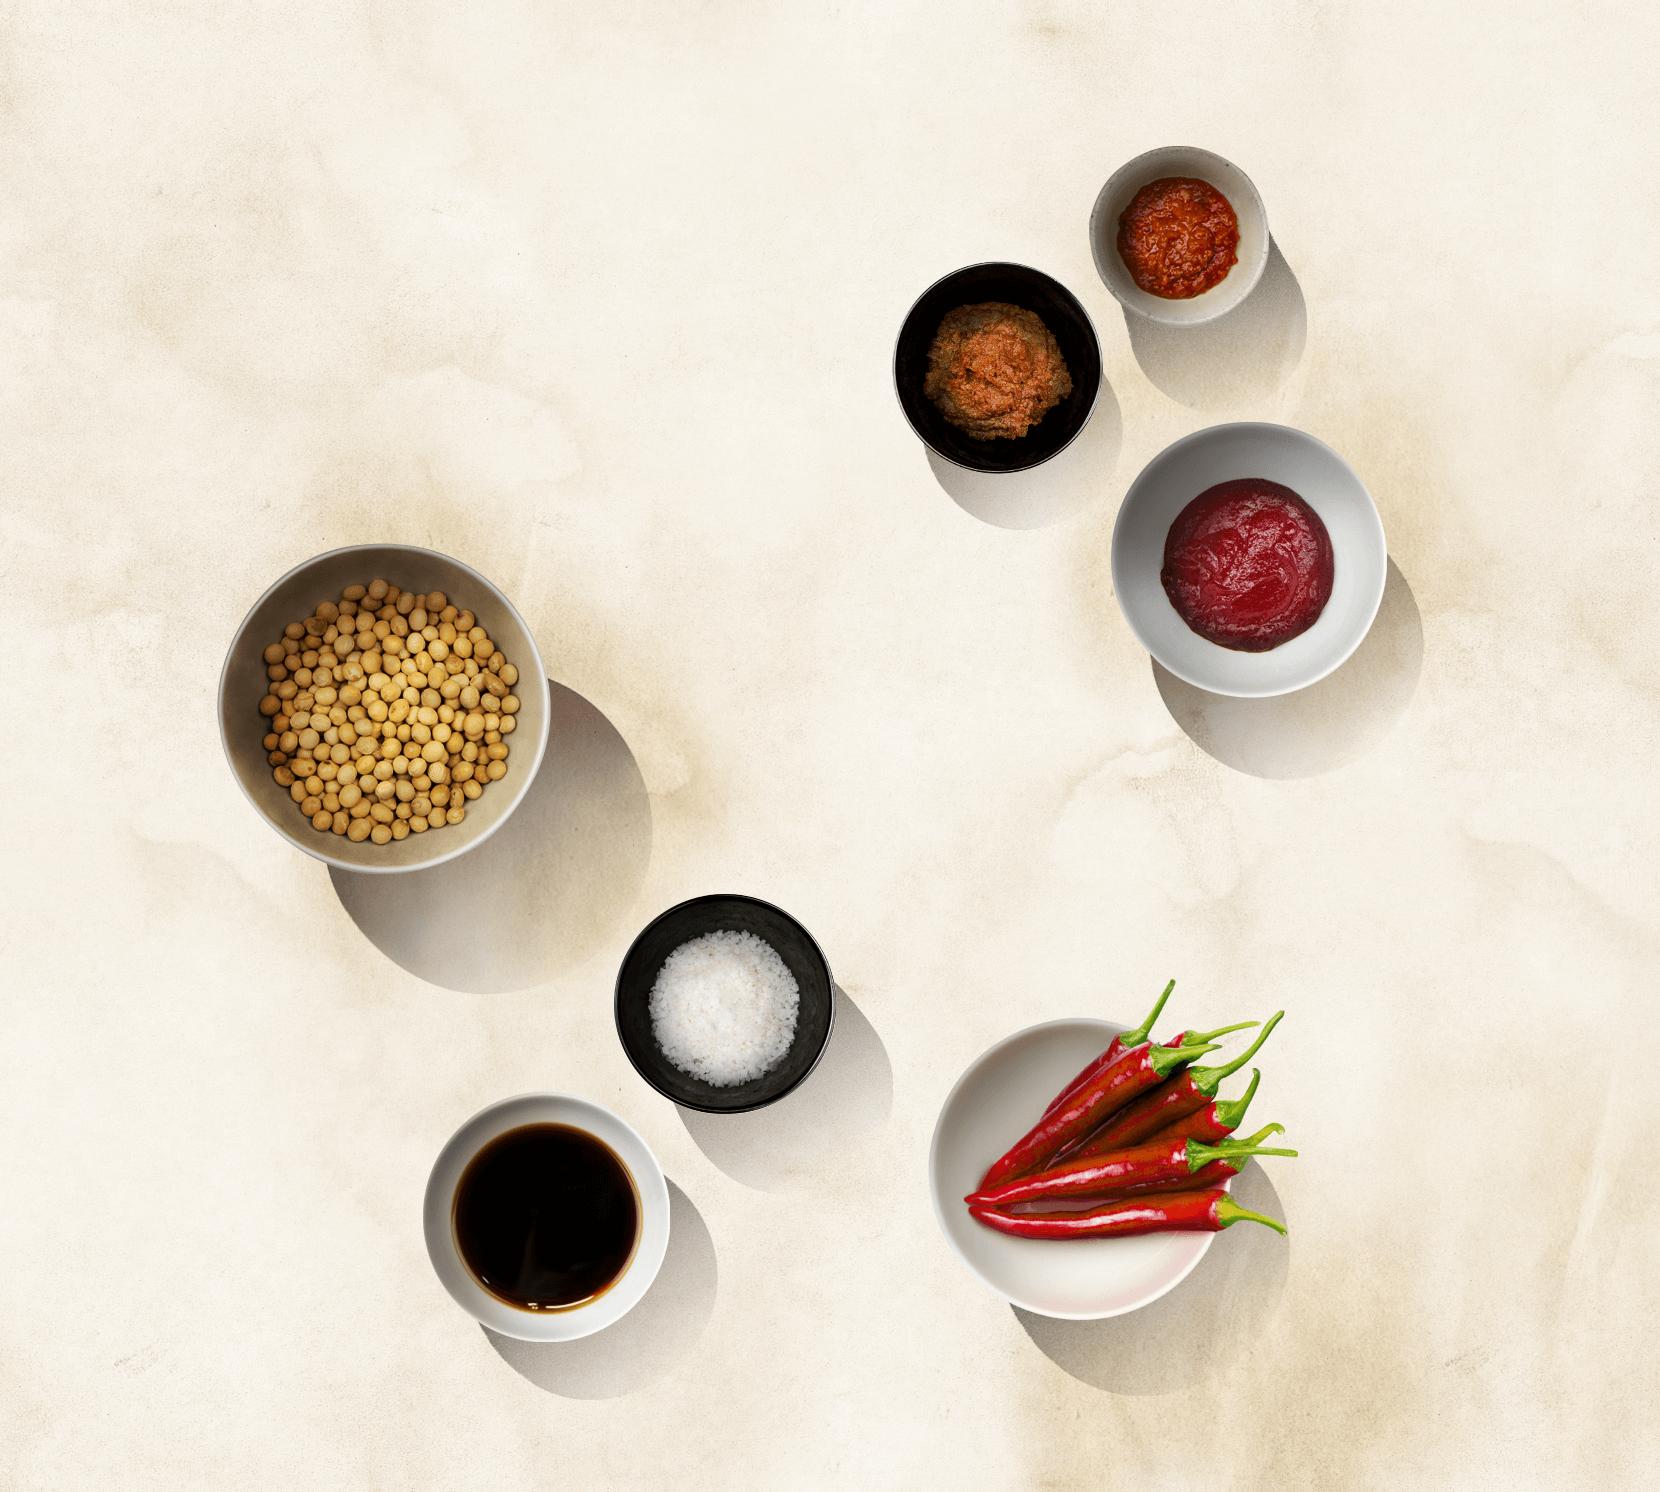 遵从优质原料的时间规律,运用发酵熟成技术,更加美味